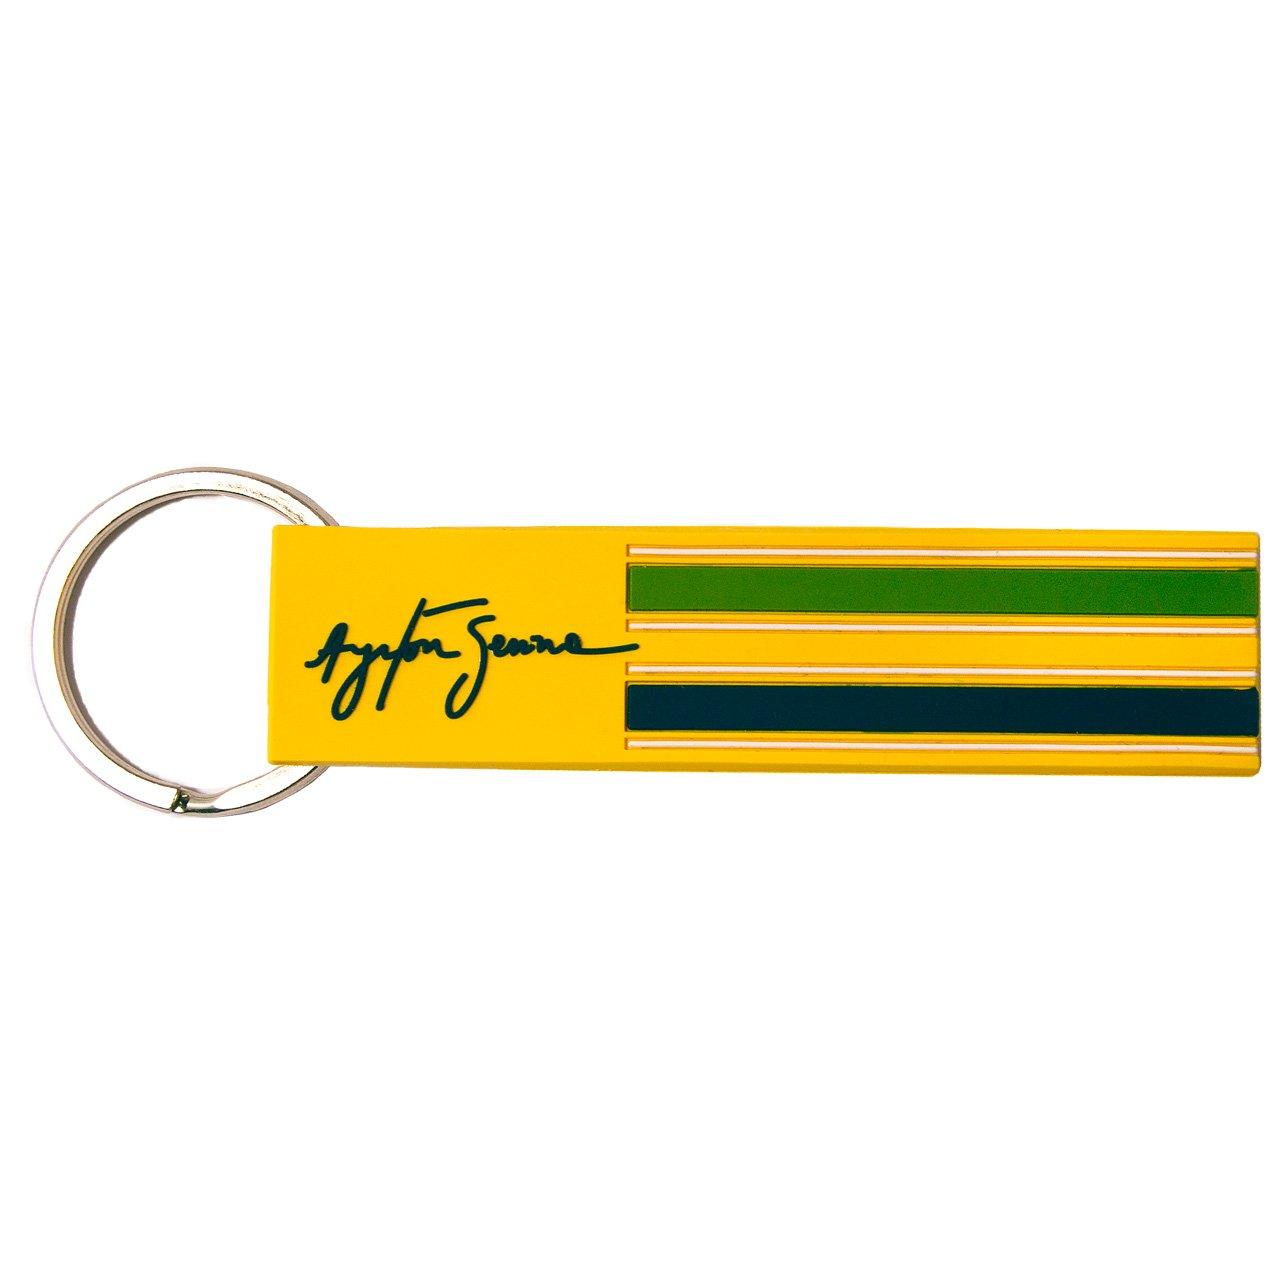 MBA-SPORT Ayrton Senna Schlüsselanhänger Loop Helm